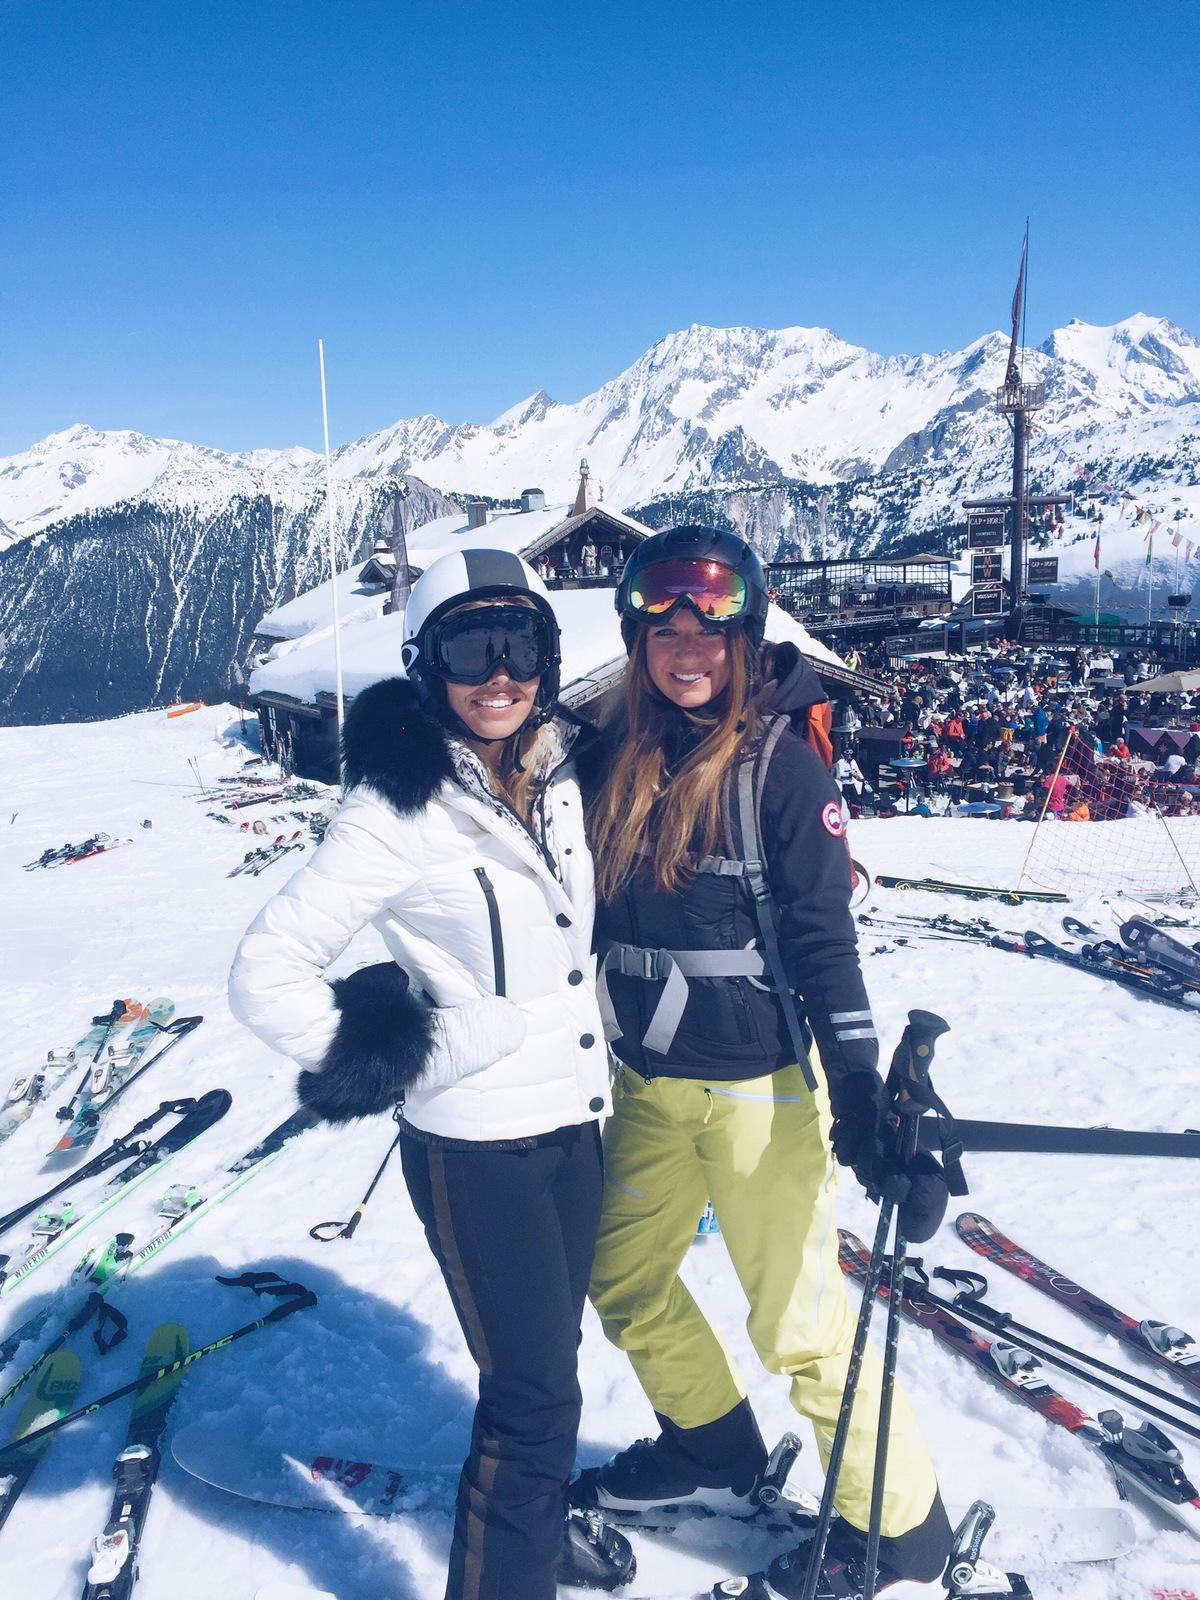 tash oakley skiing